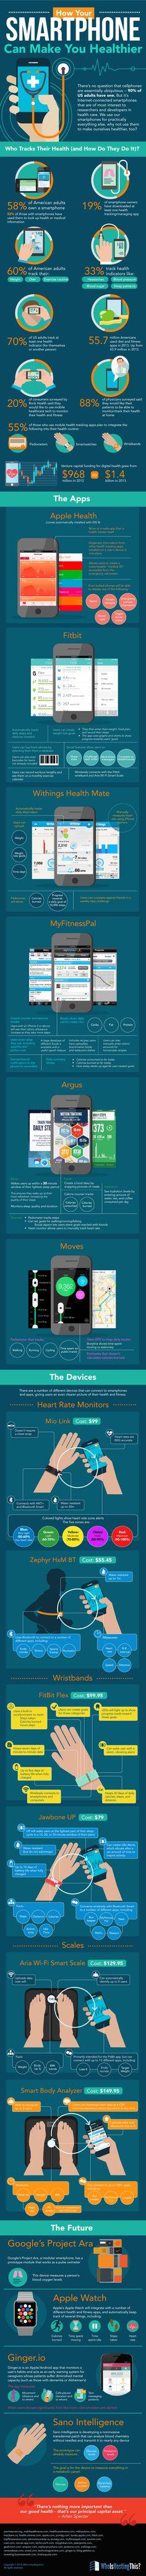 ¿Cómo un smartphone puede ayudar en tu salud? #infografia #infographic #health - Frikipandi